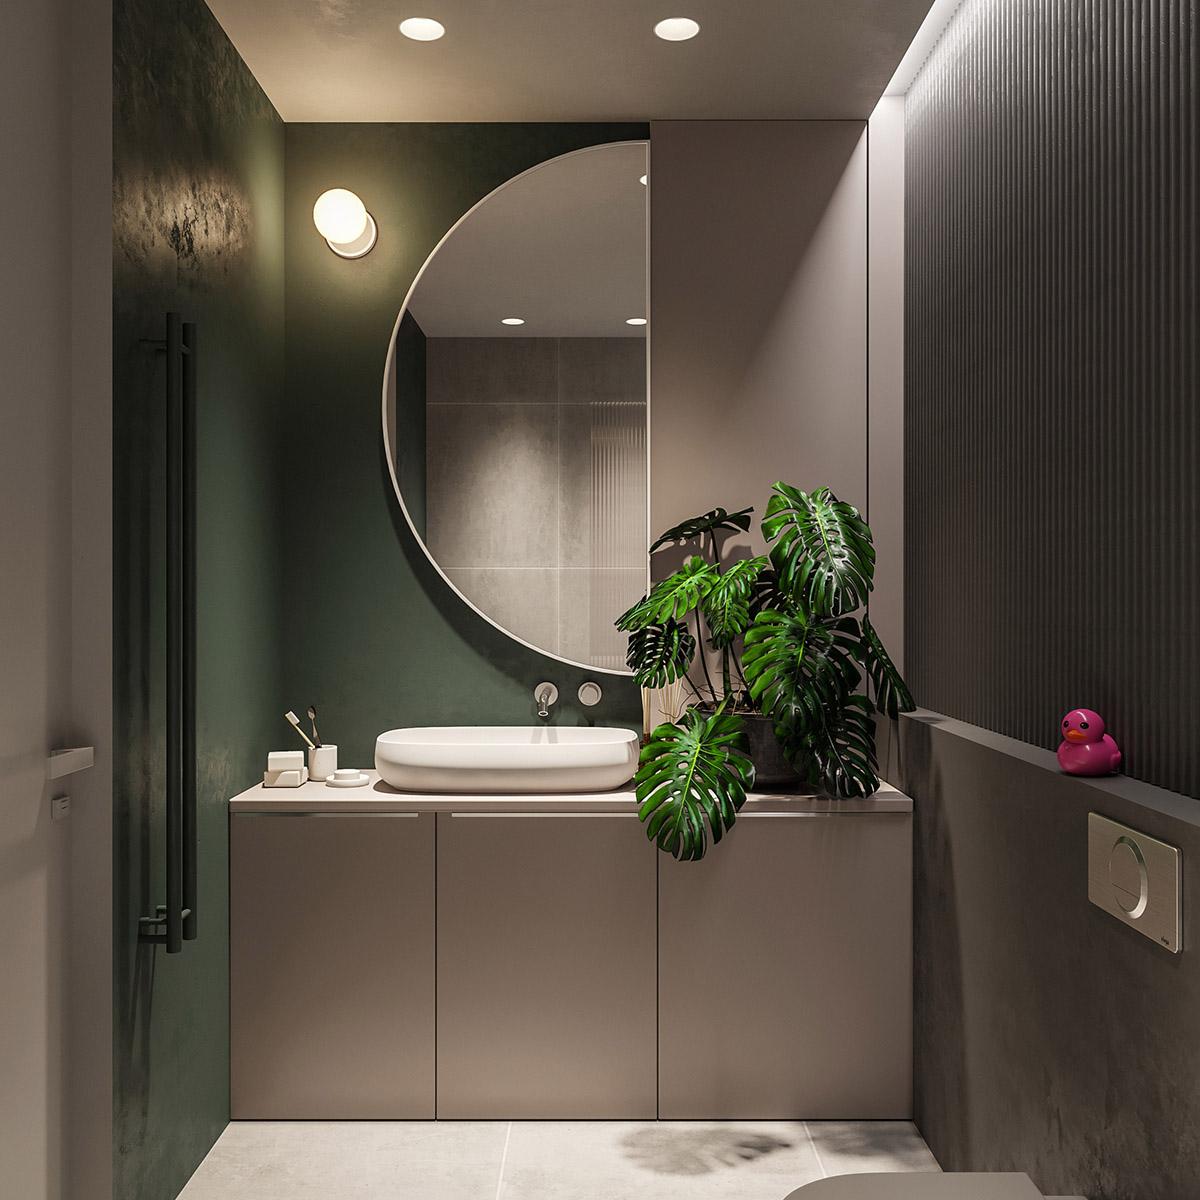 Sơn tường màu xanh lá cây xung quanh khu vực bồn rửa mặt được lấy cảm hứng từ vẻ đẹp tự nhiên của những chiếc lá gần đó.